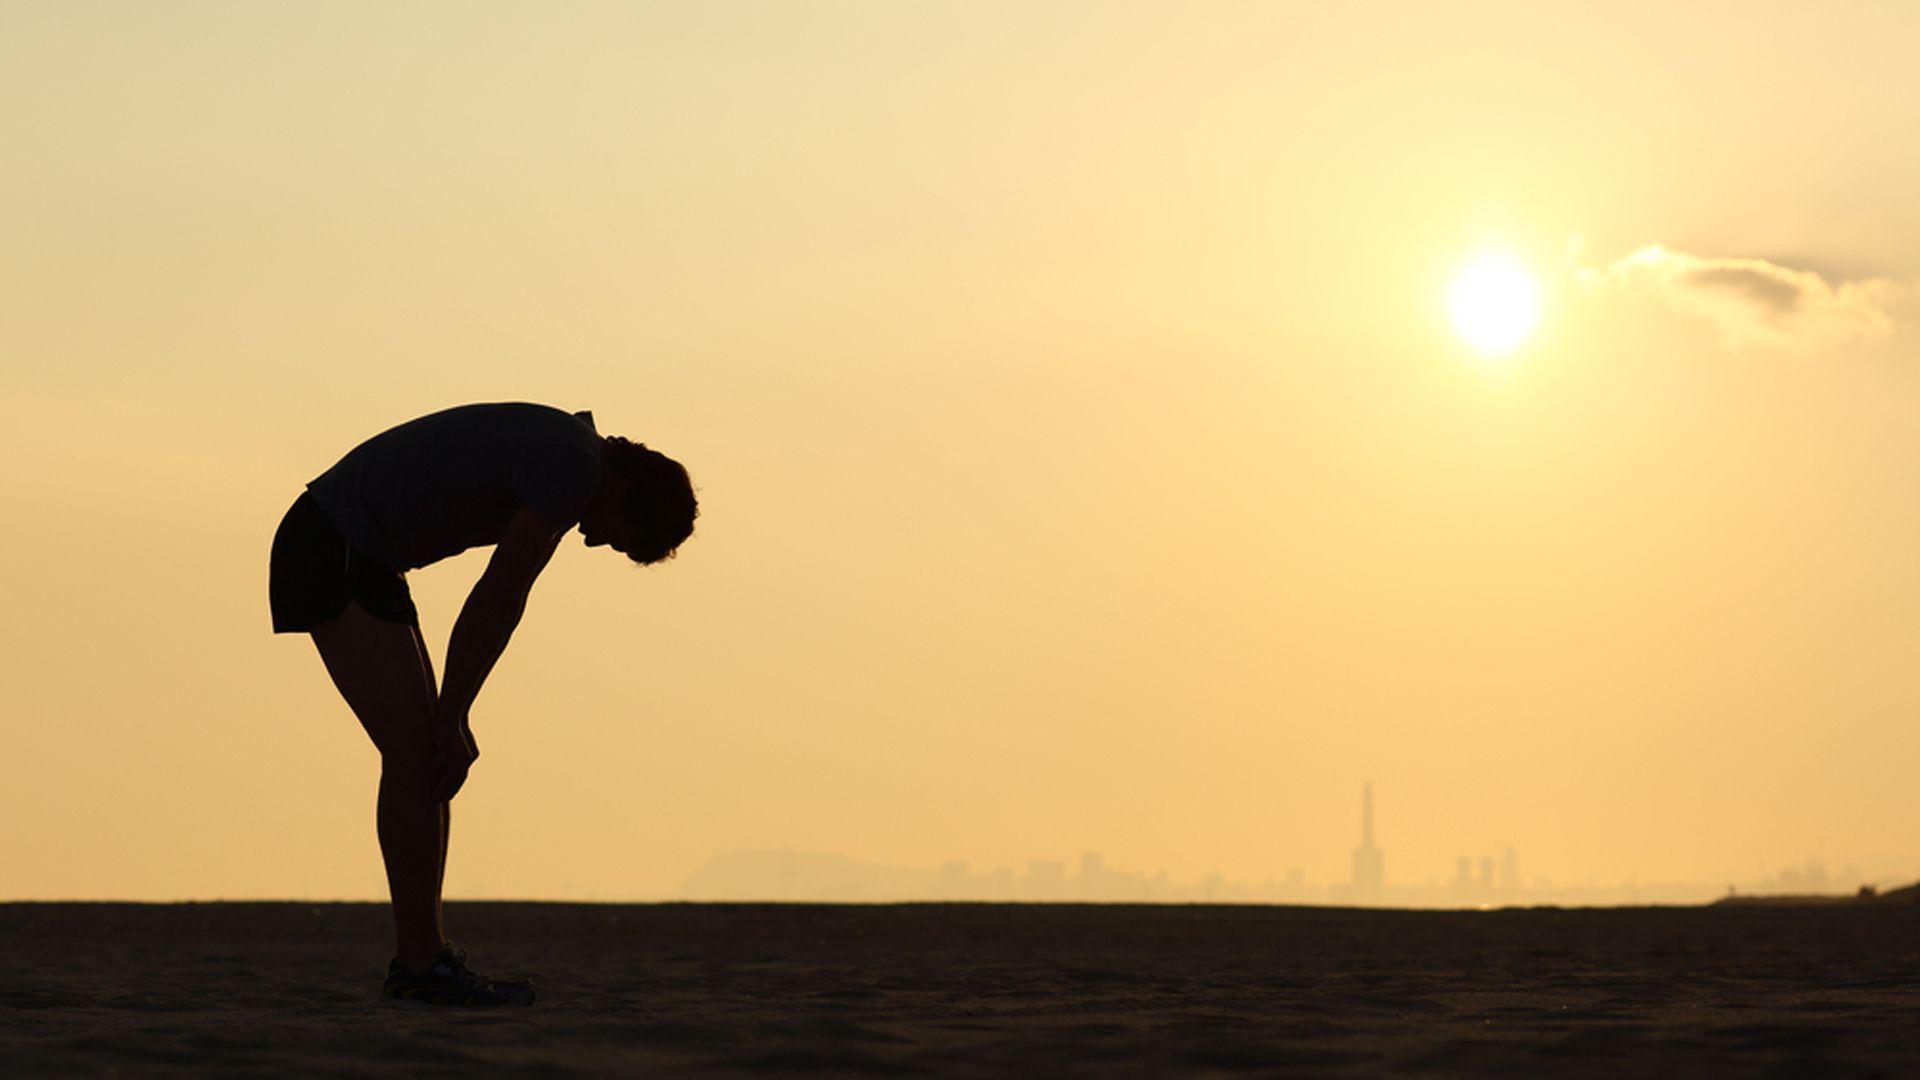 Muchas personas manifiestan sufrir fatiga mental provocada por la pandemia (Shutterstock)